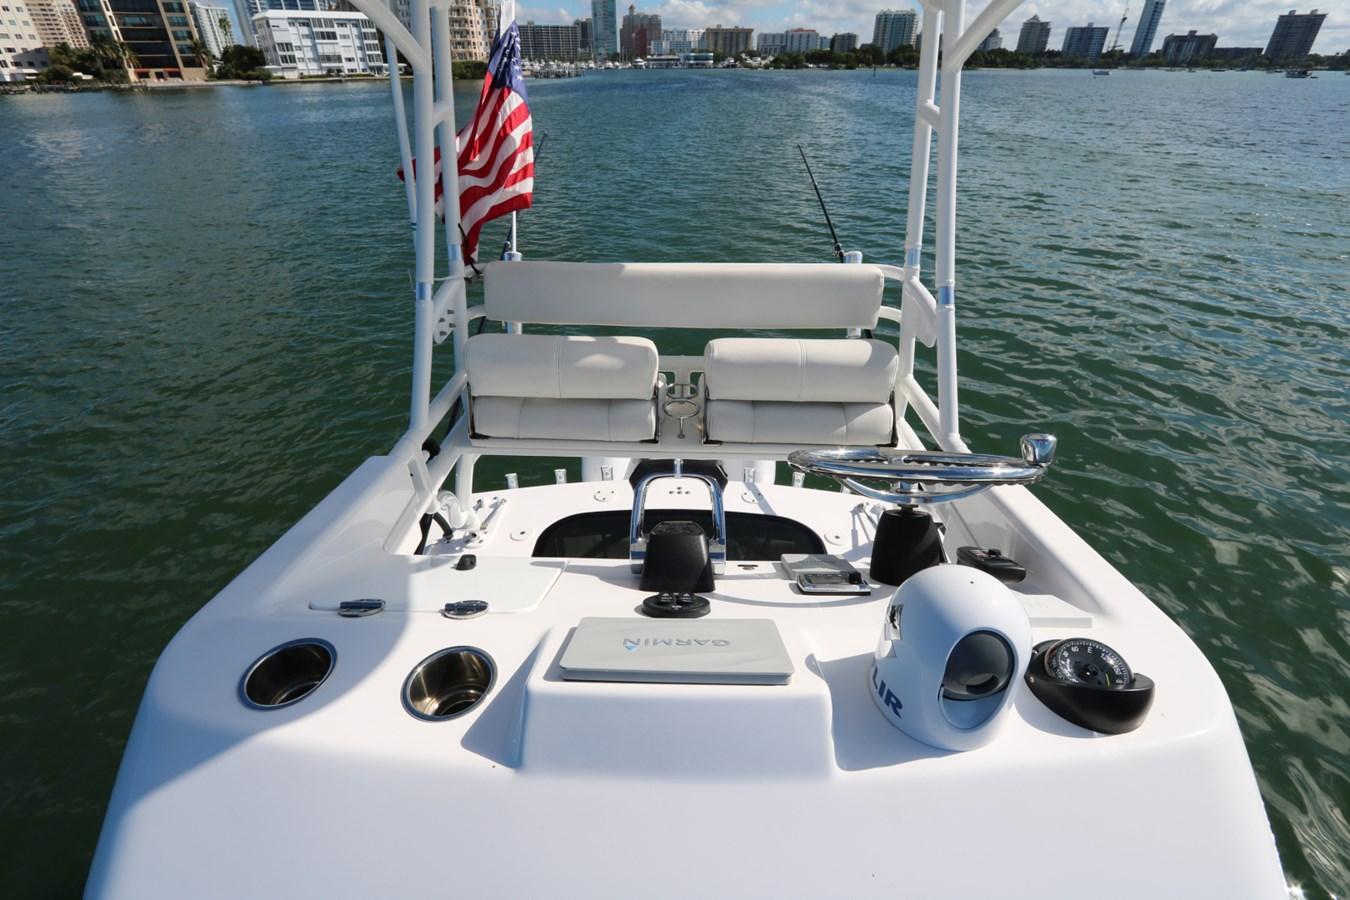 2015 Everglades 350LX 2015 EVERGLADES 350LX Walkaround 2743772